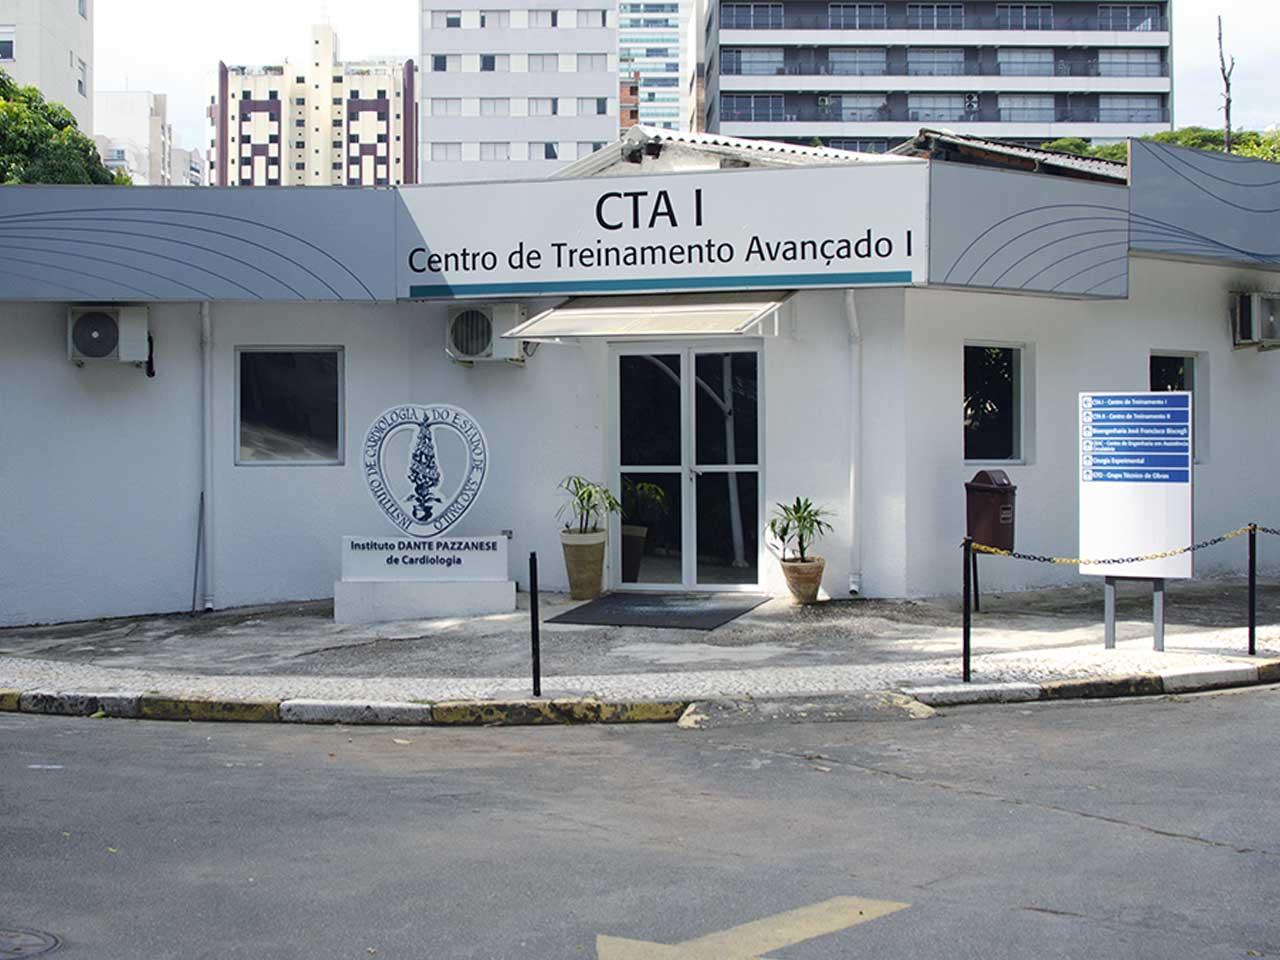 CTA-1